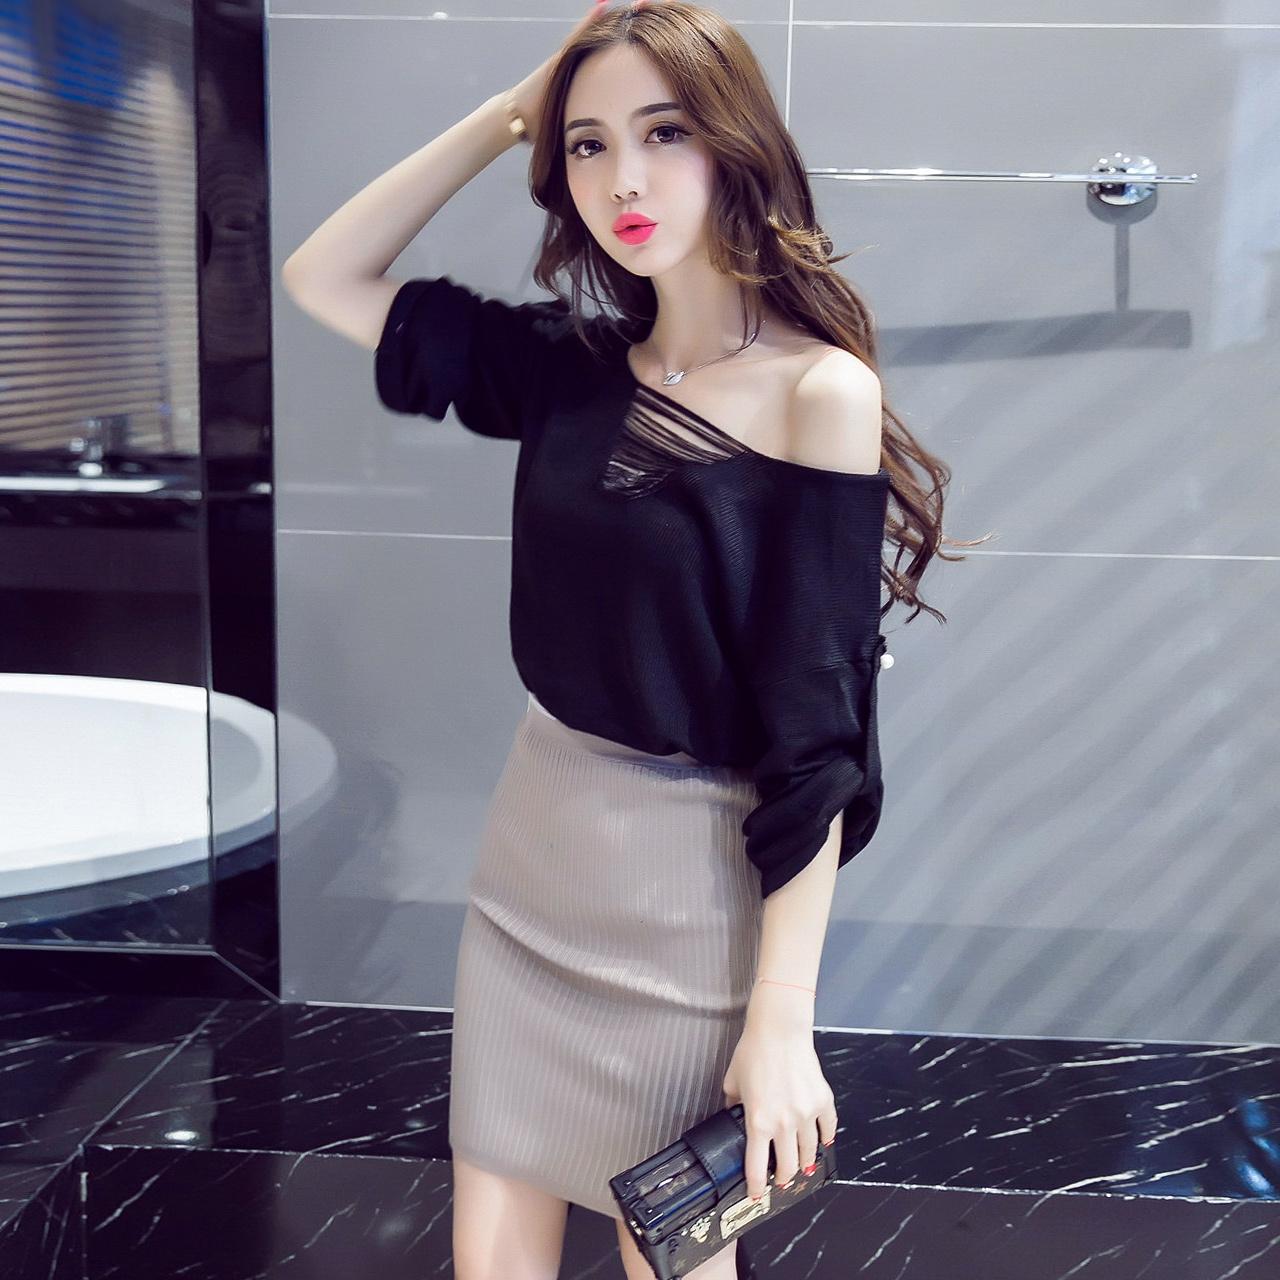 套装女春装时尚潮2017新款韩版性感名媛气质显瘦秋装针织裙两件套